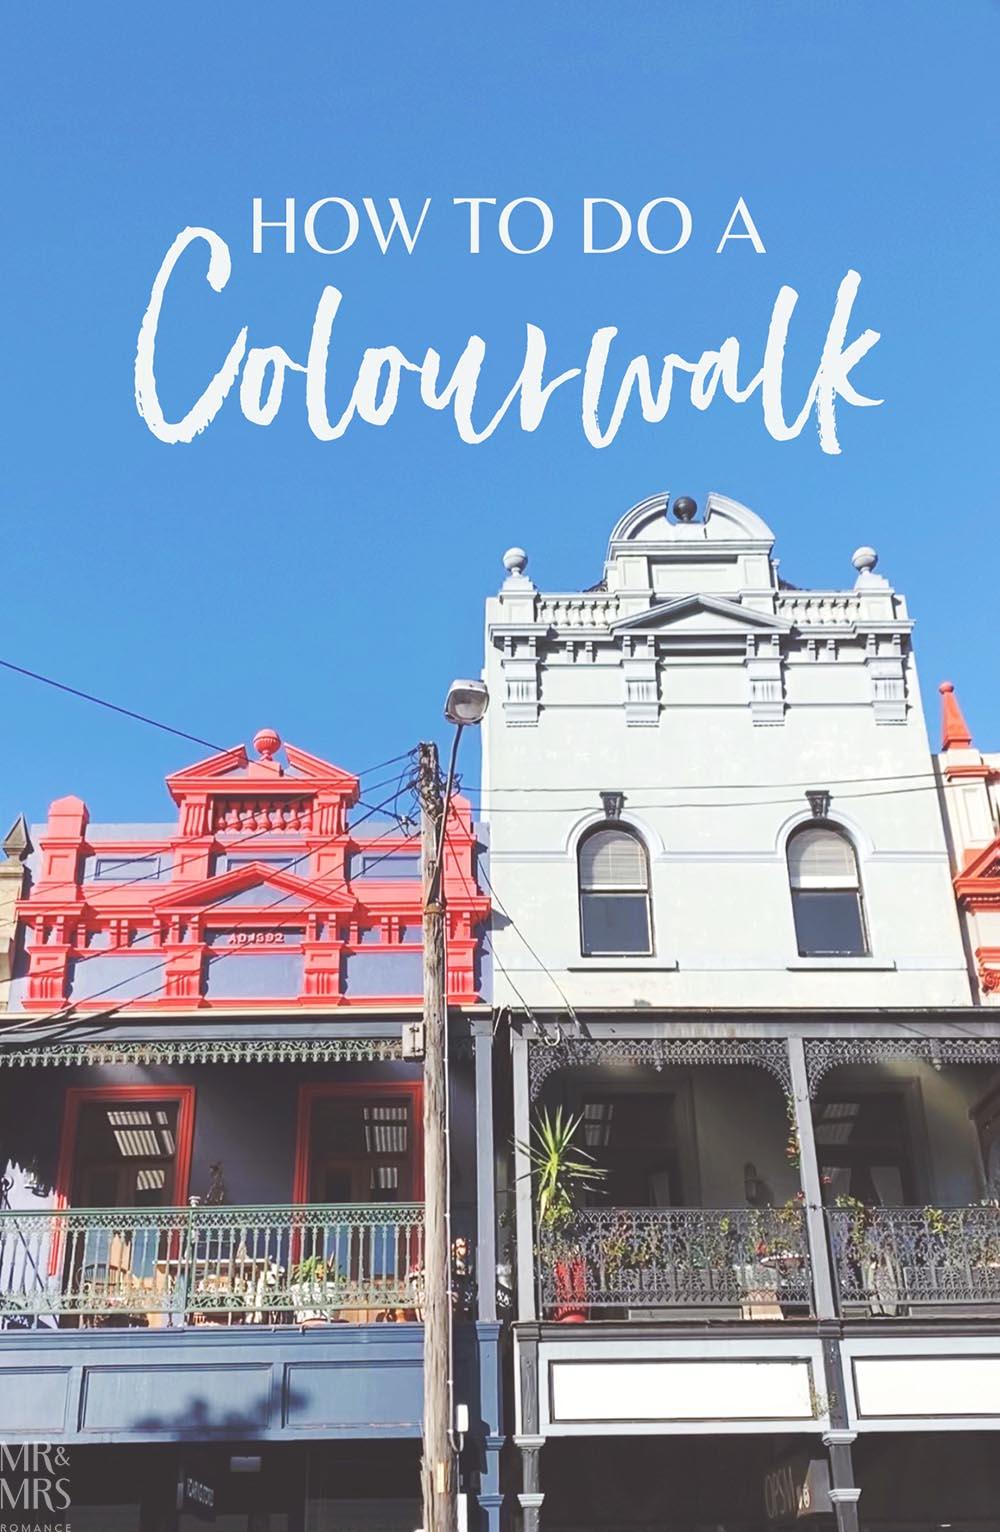 Victorian shops Balmain Colourwalk